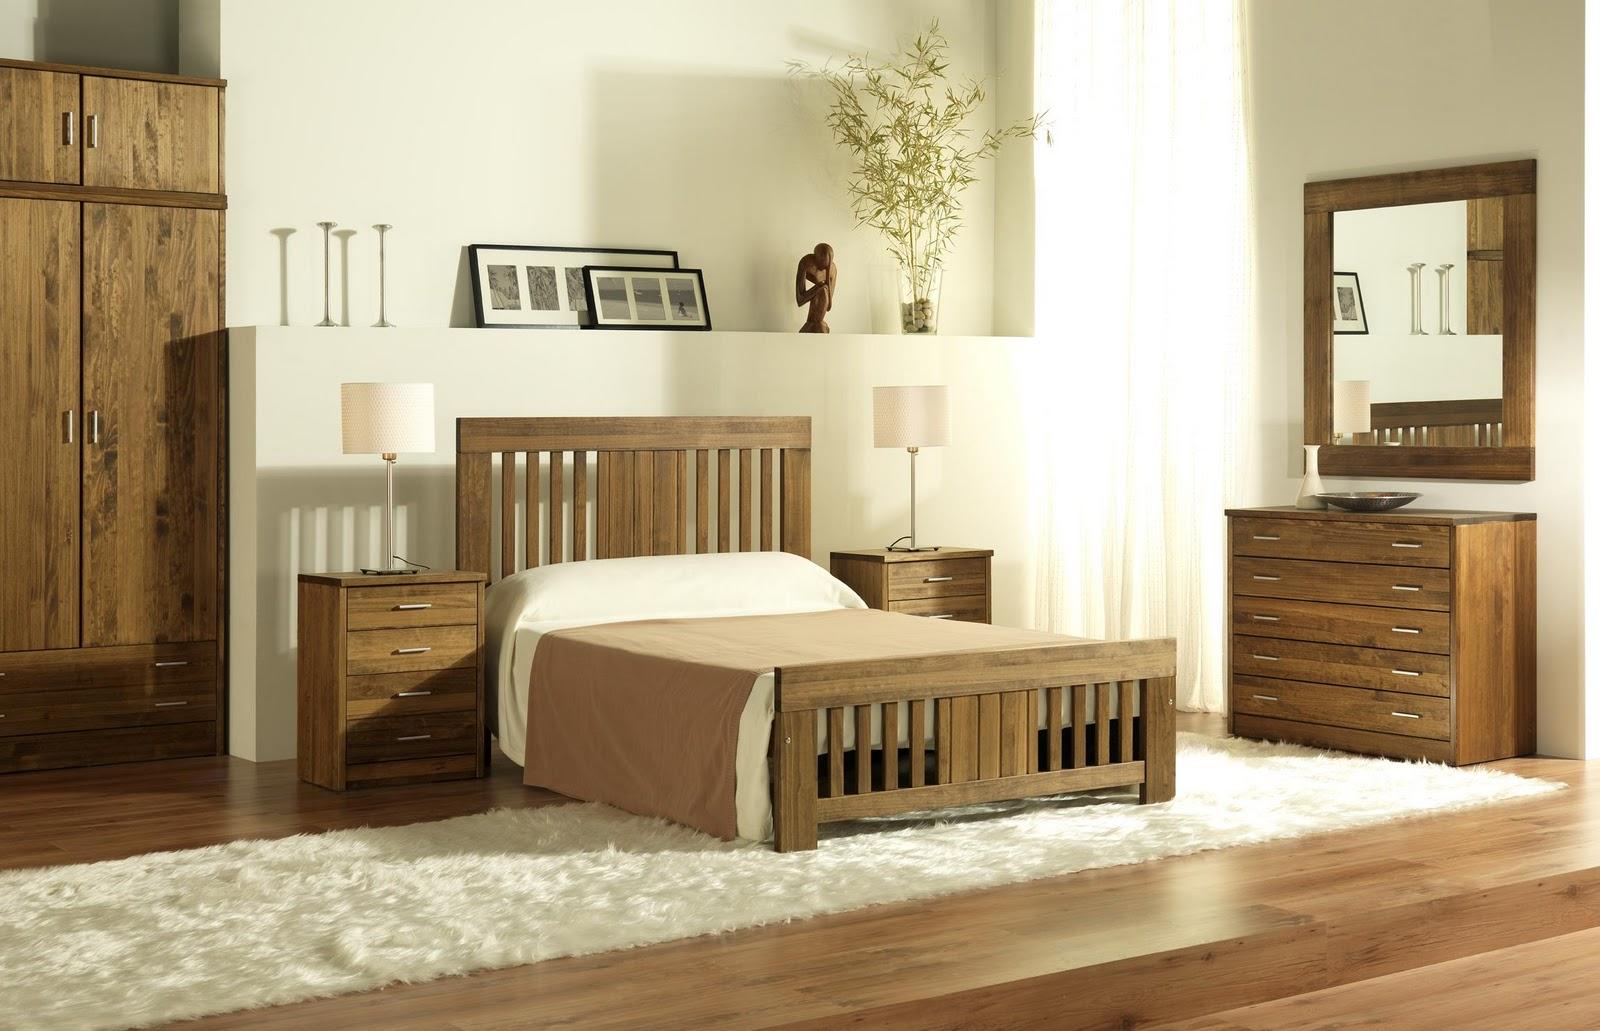 Muebles toscapino dormitorios for Muebles de oficina k y v